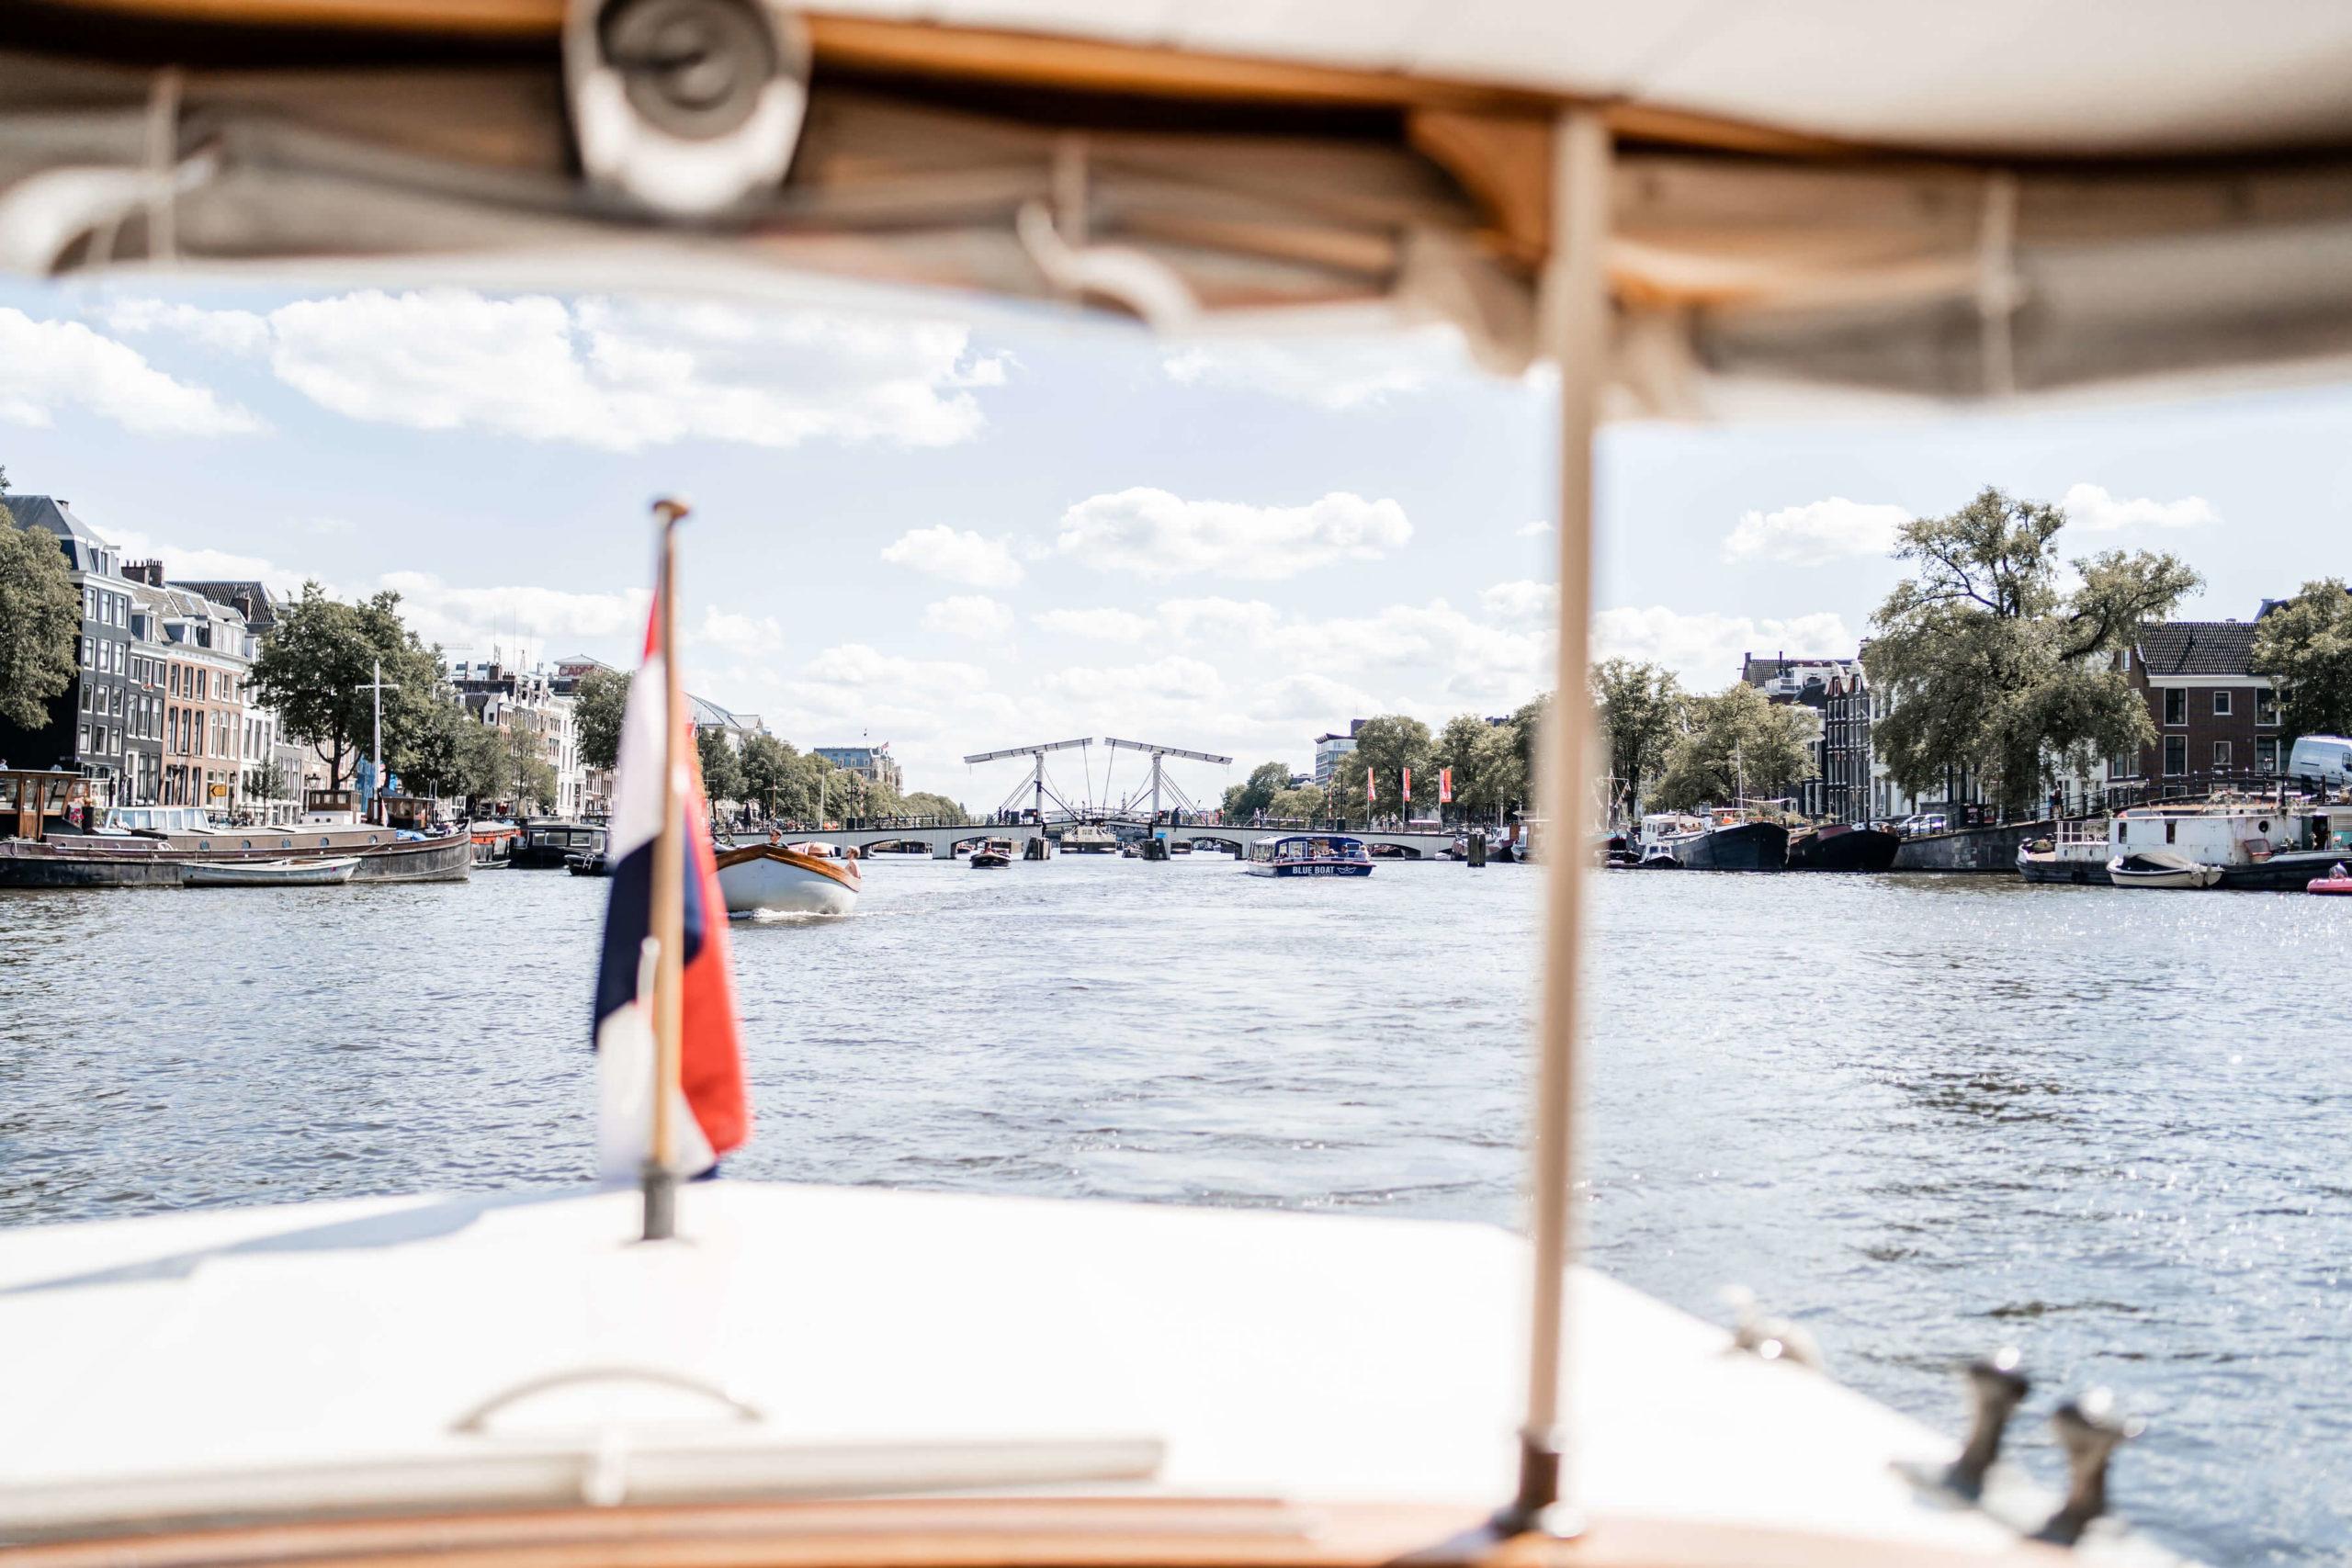 water-afscheid-uitvaart-salonboot-amstel-magerebrug